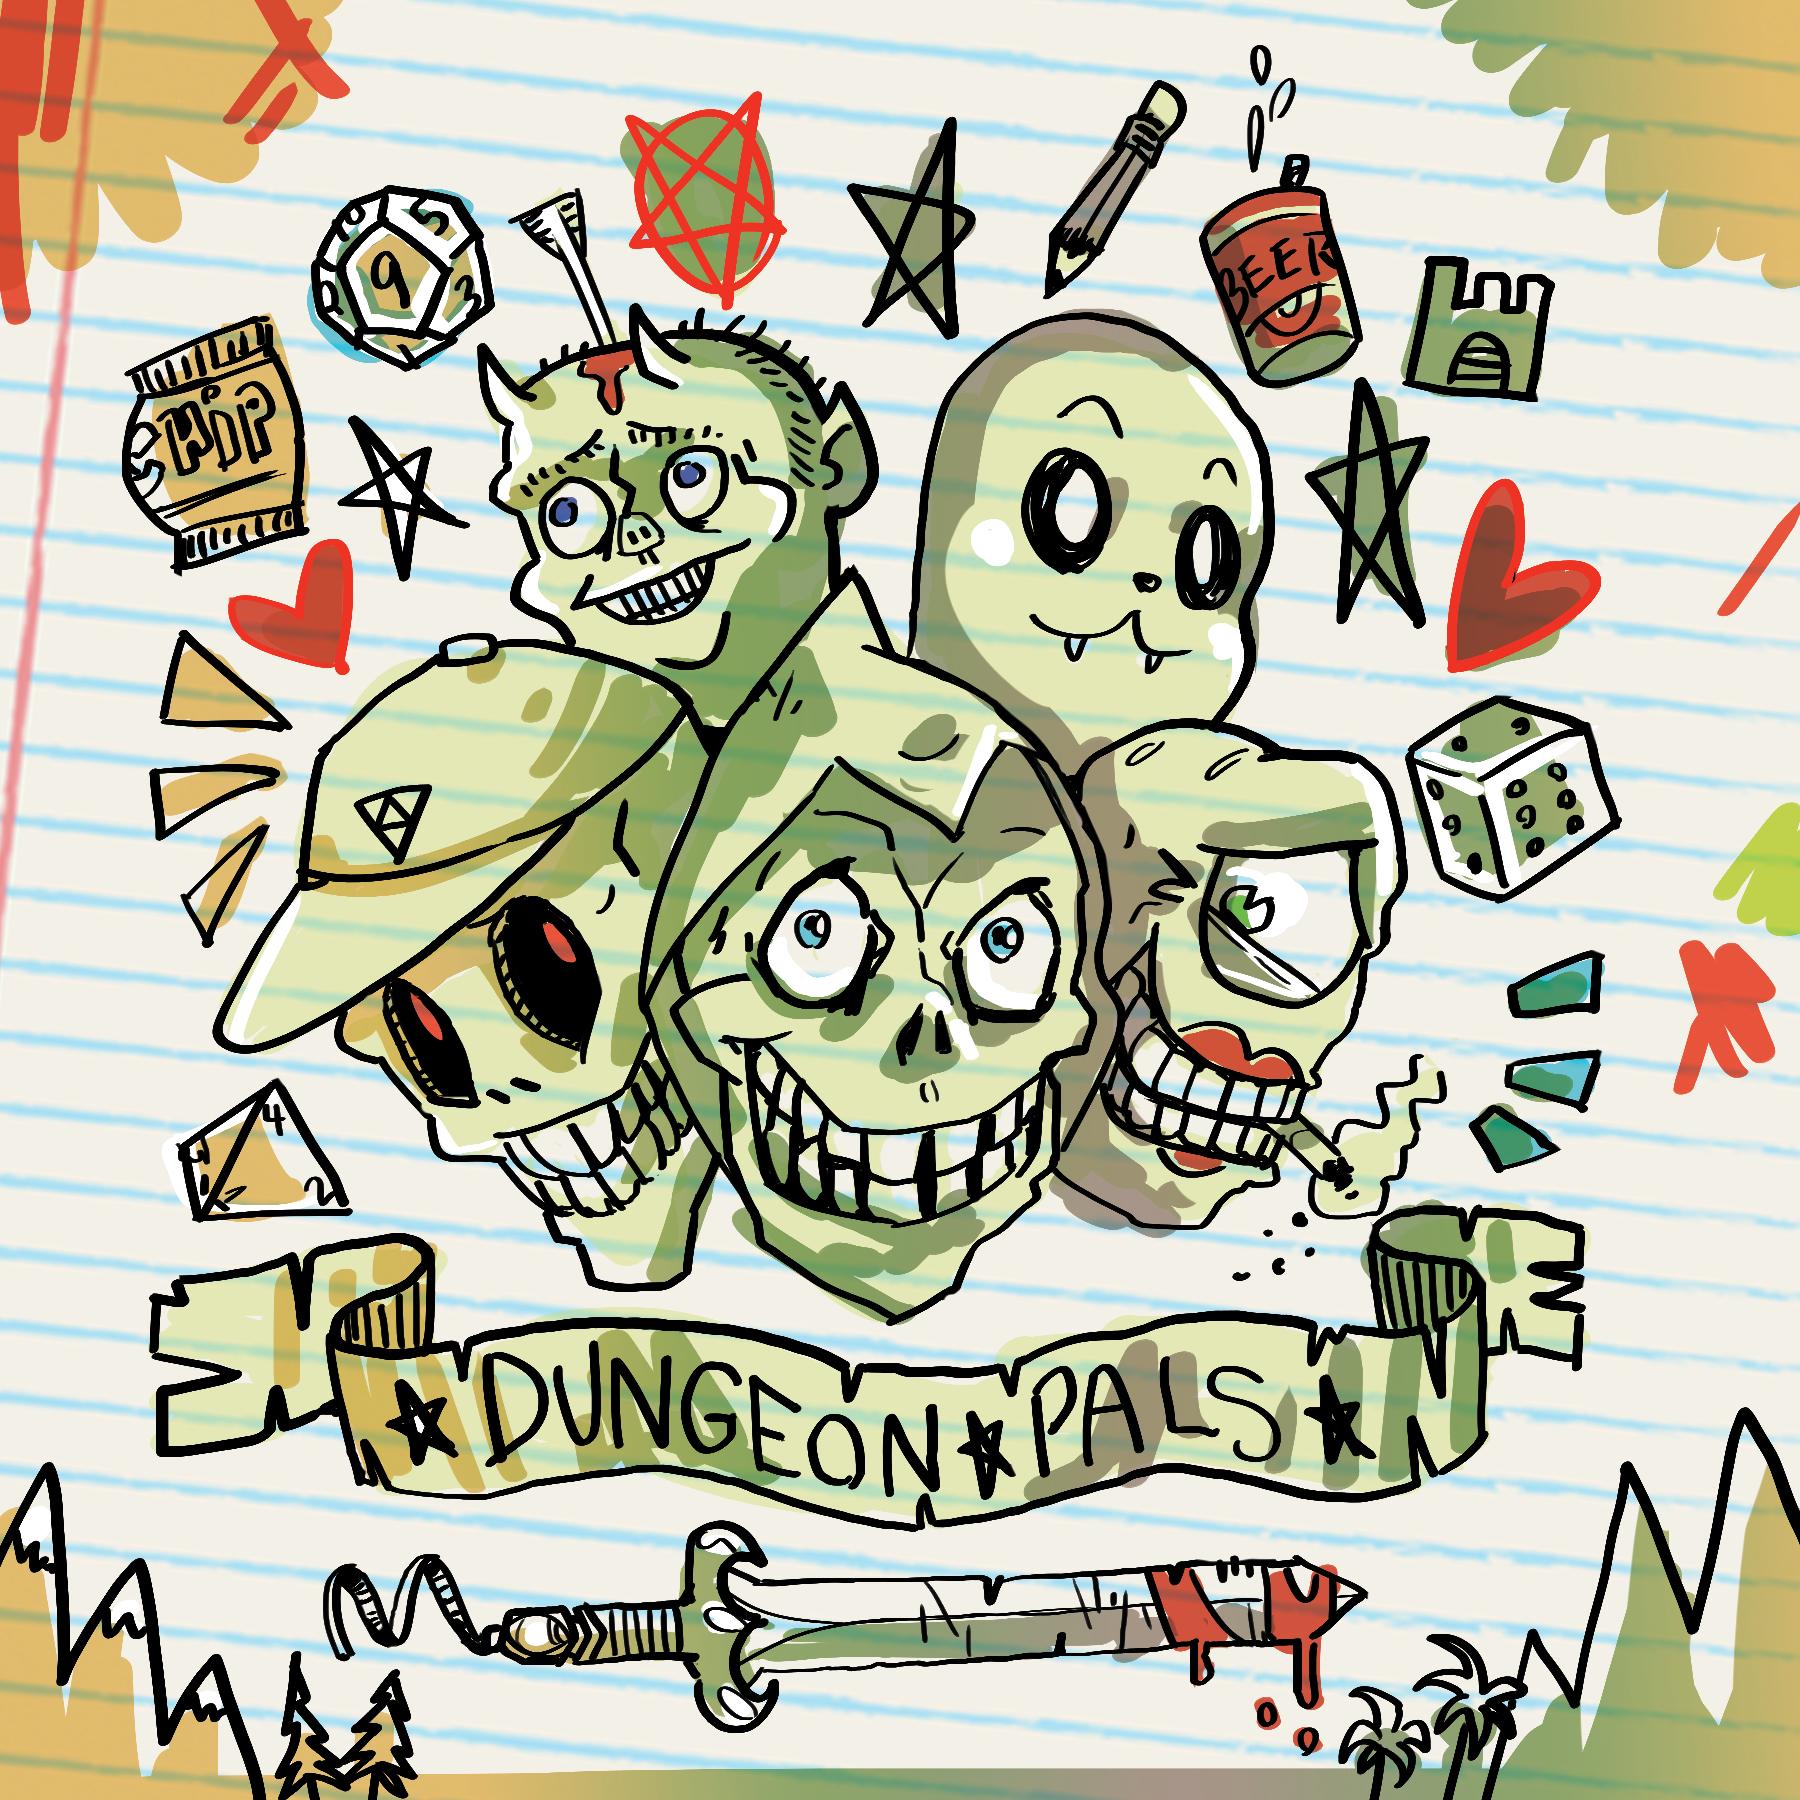 Dungeon Pals